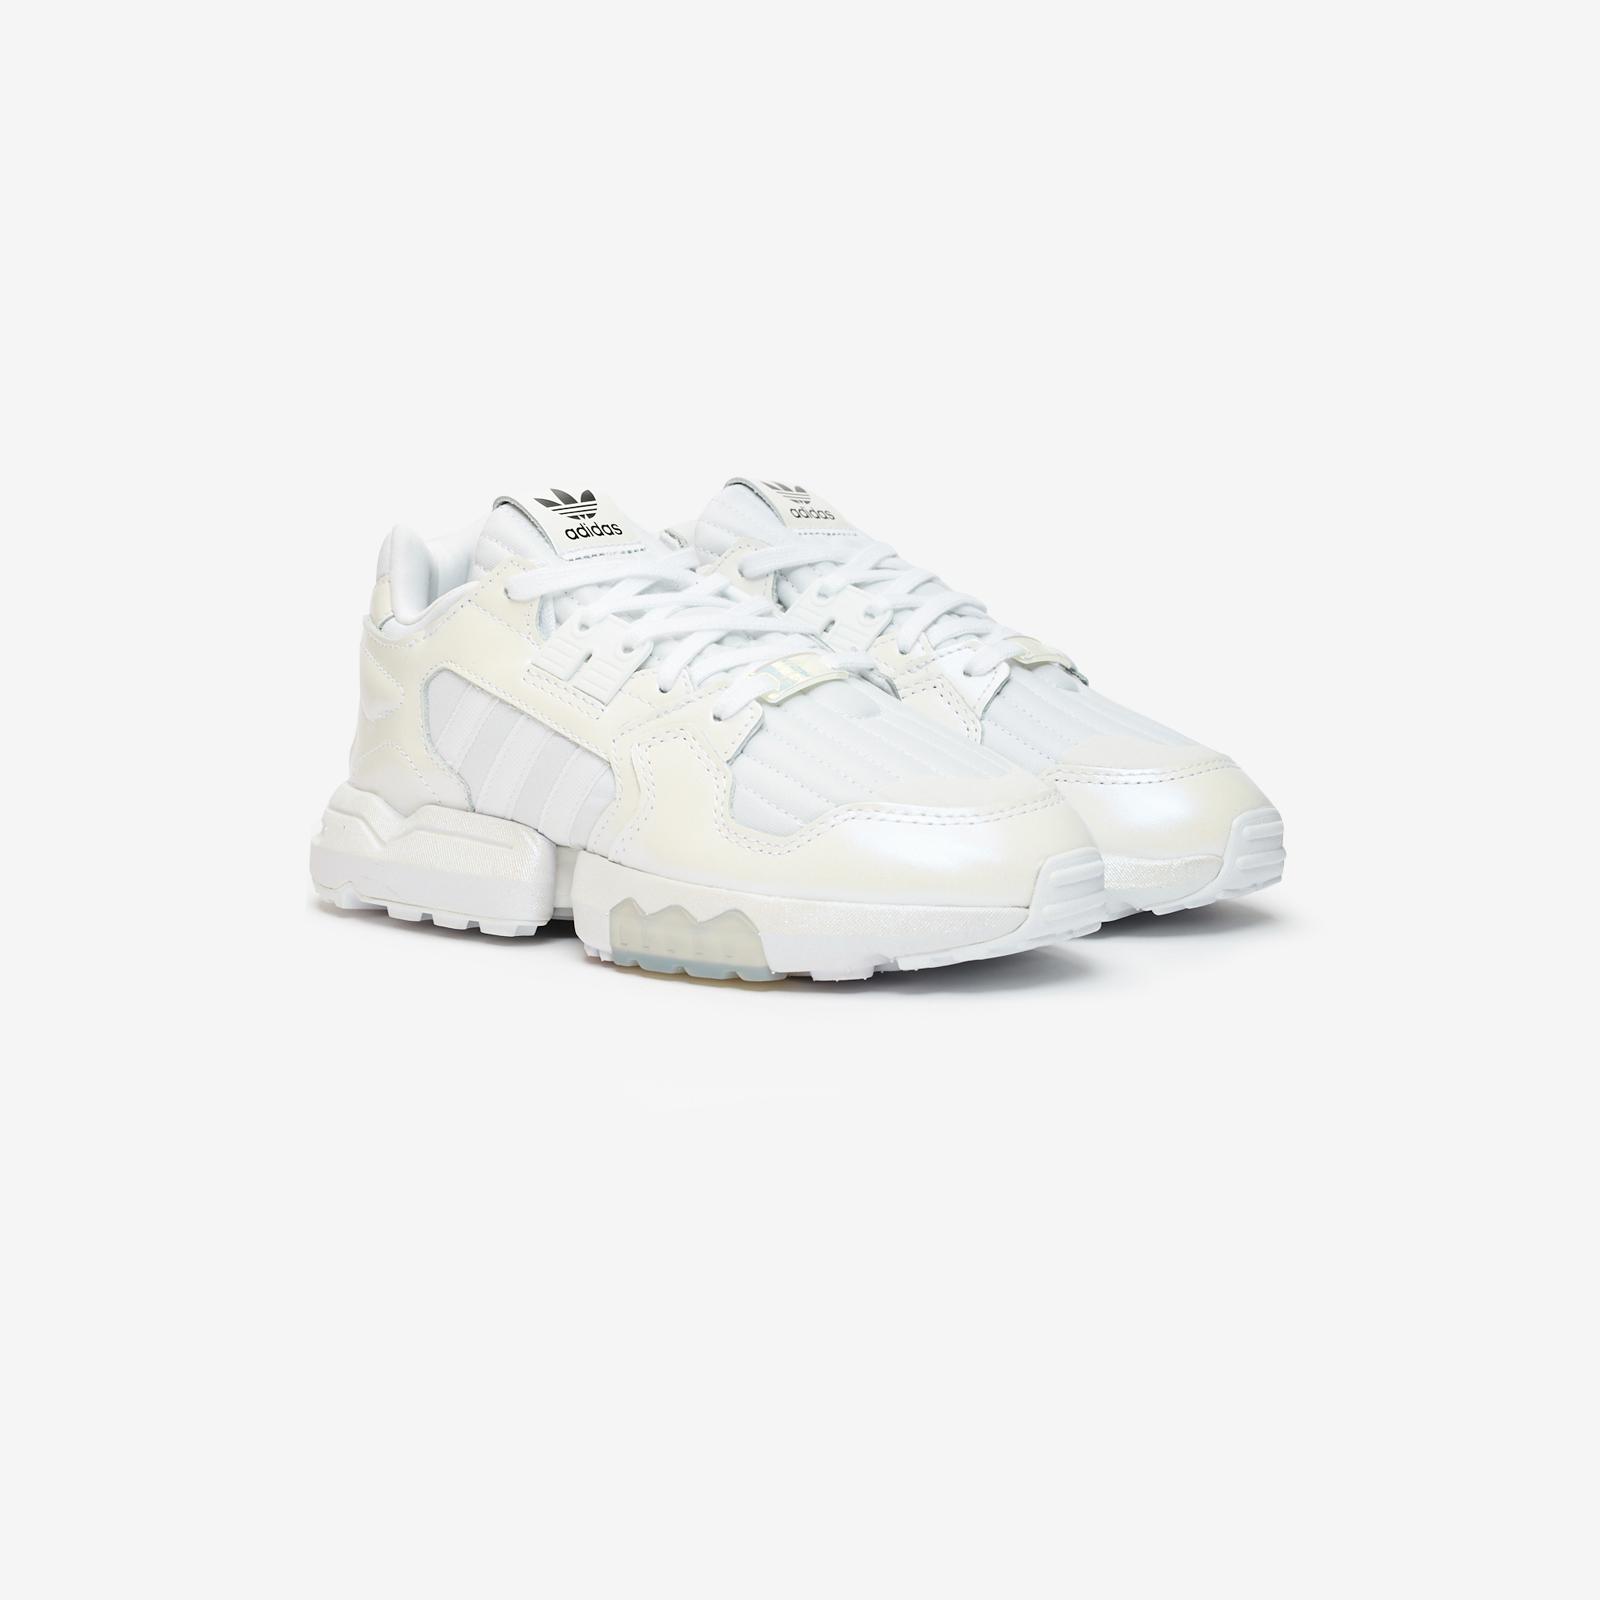 adidas zx 7 w leather